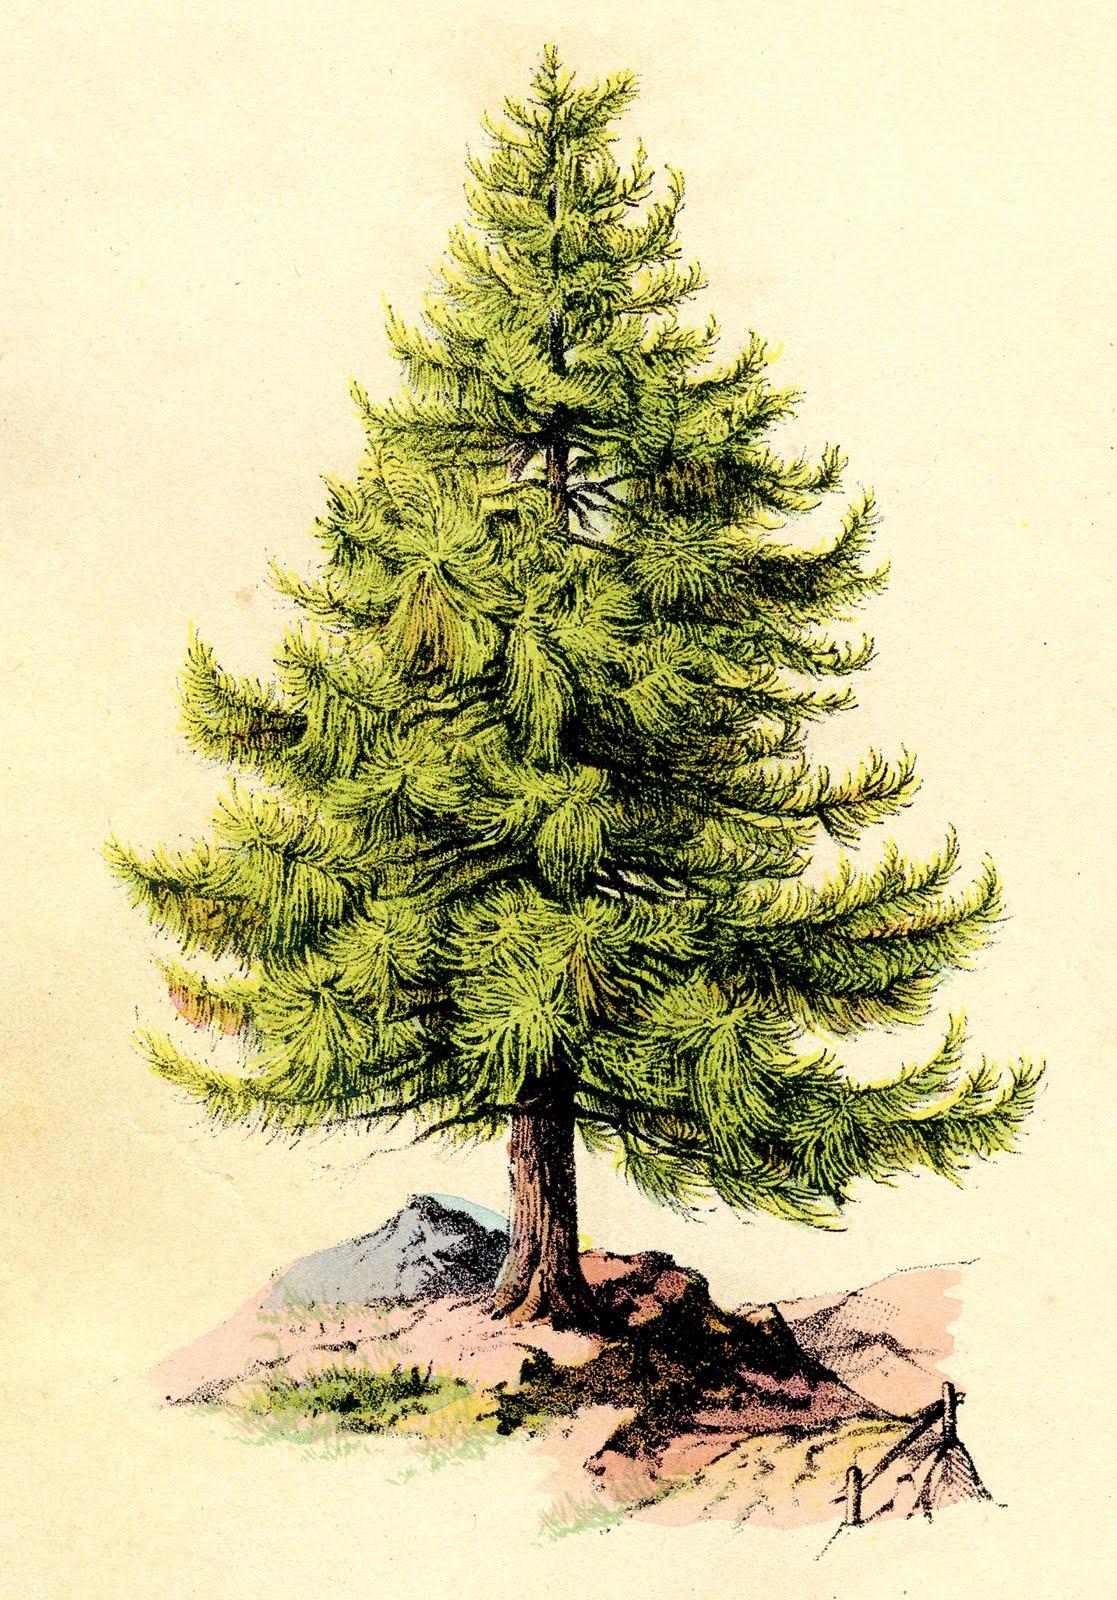 بالصور صور اشجار , اجمل صور المناظر الطبيعية والاشجار 1928 7